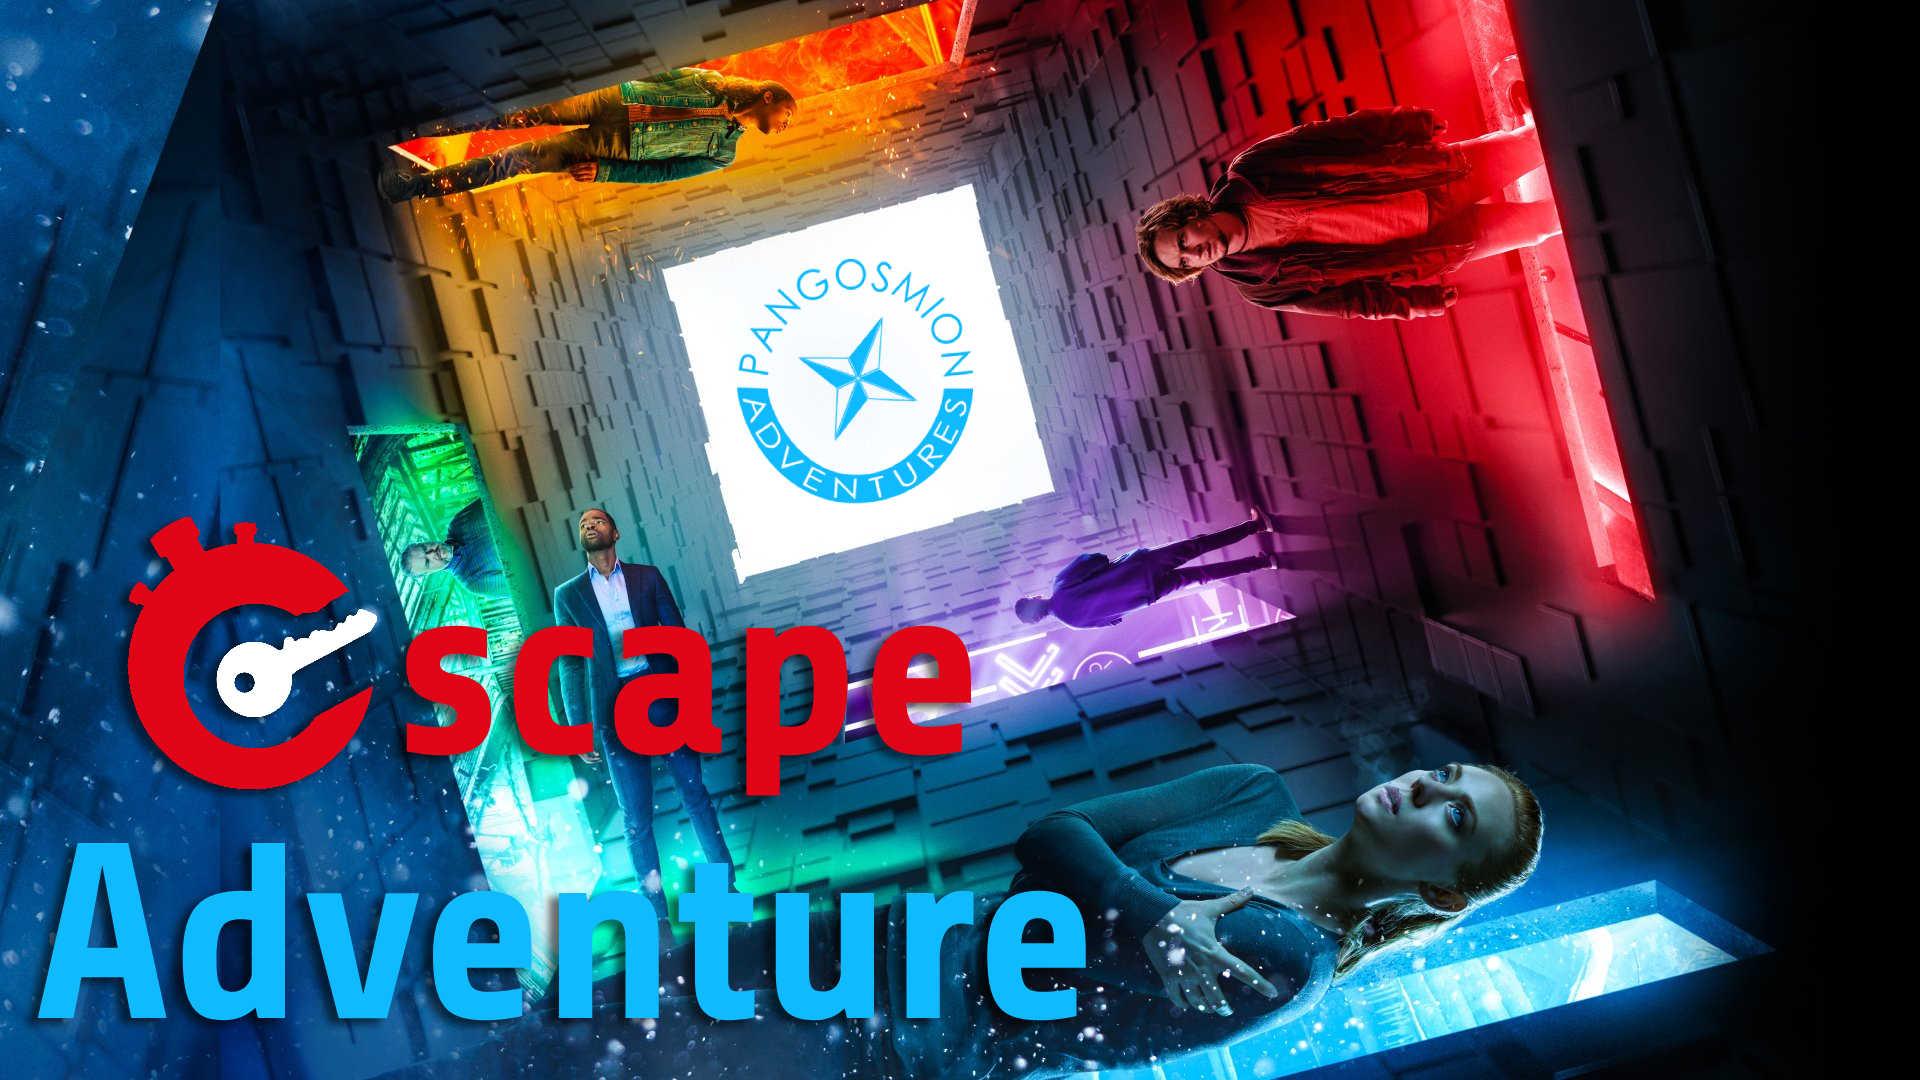 The Escape Adventure